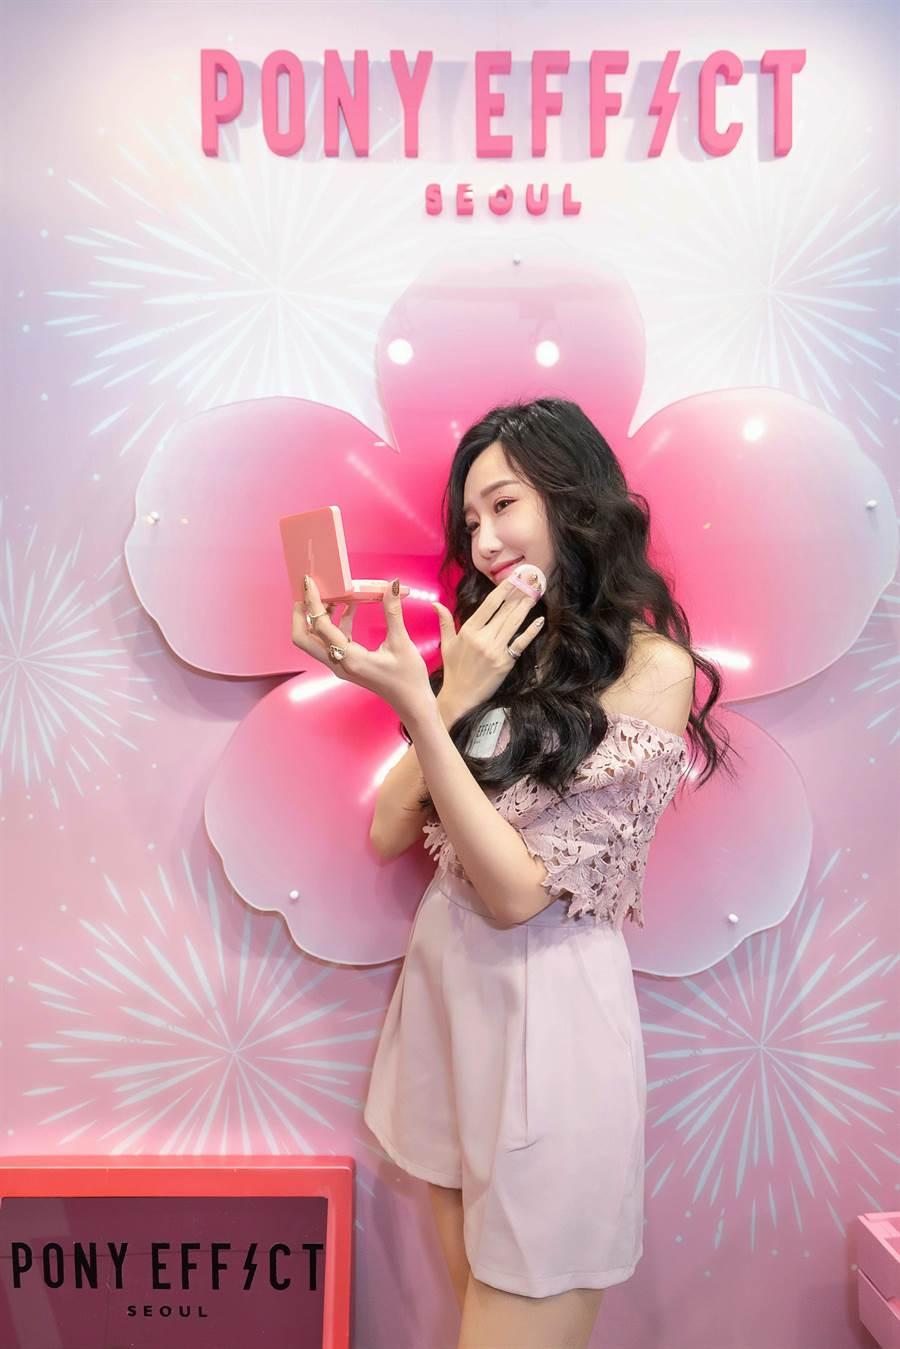 活動大使許允樂化身韓國梨花妹 示範最走心韓系『梨花妝』 關鍵兩點不失手